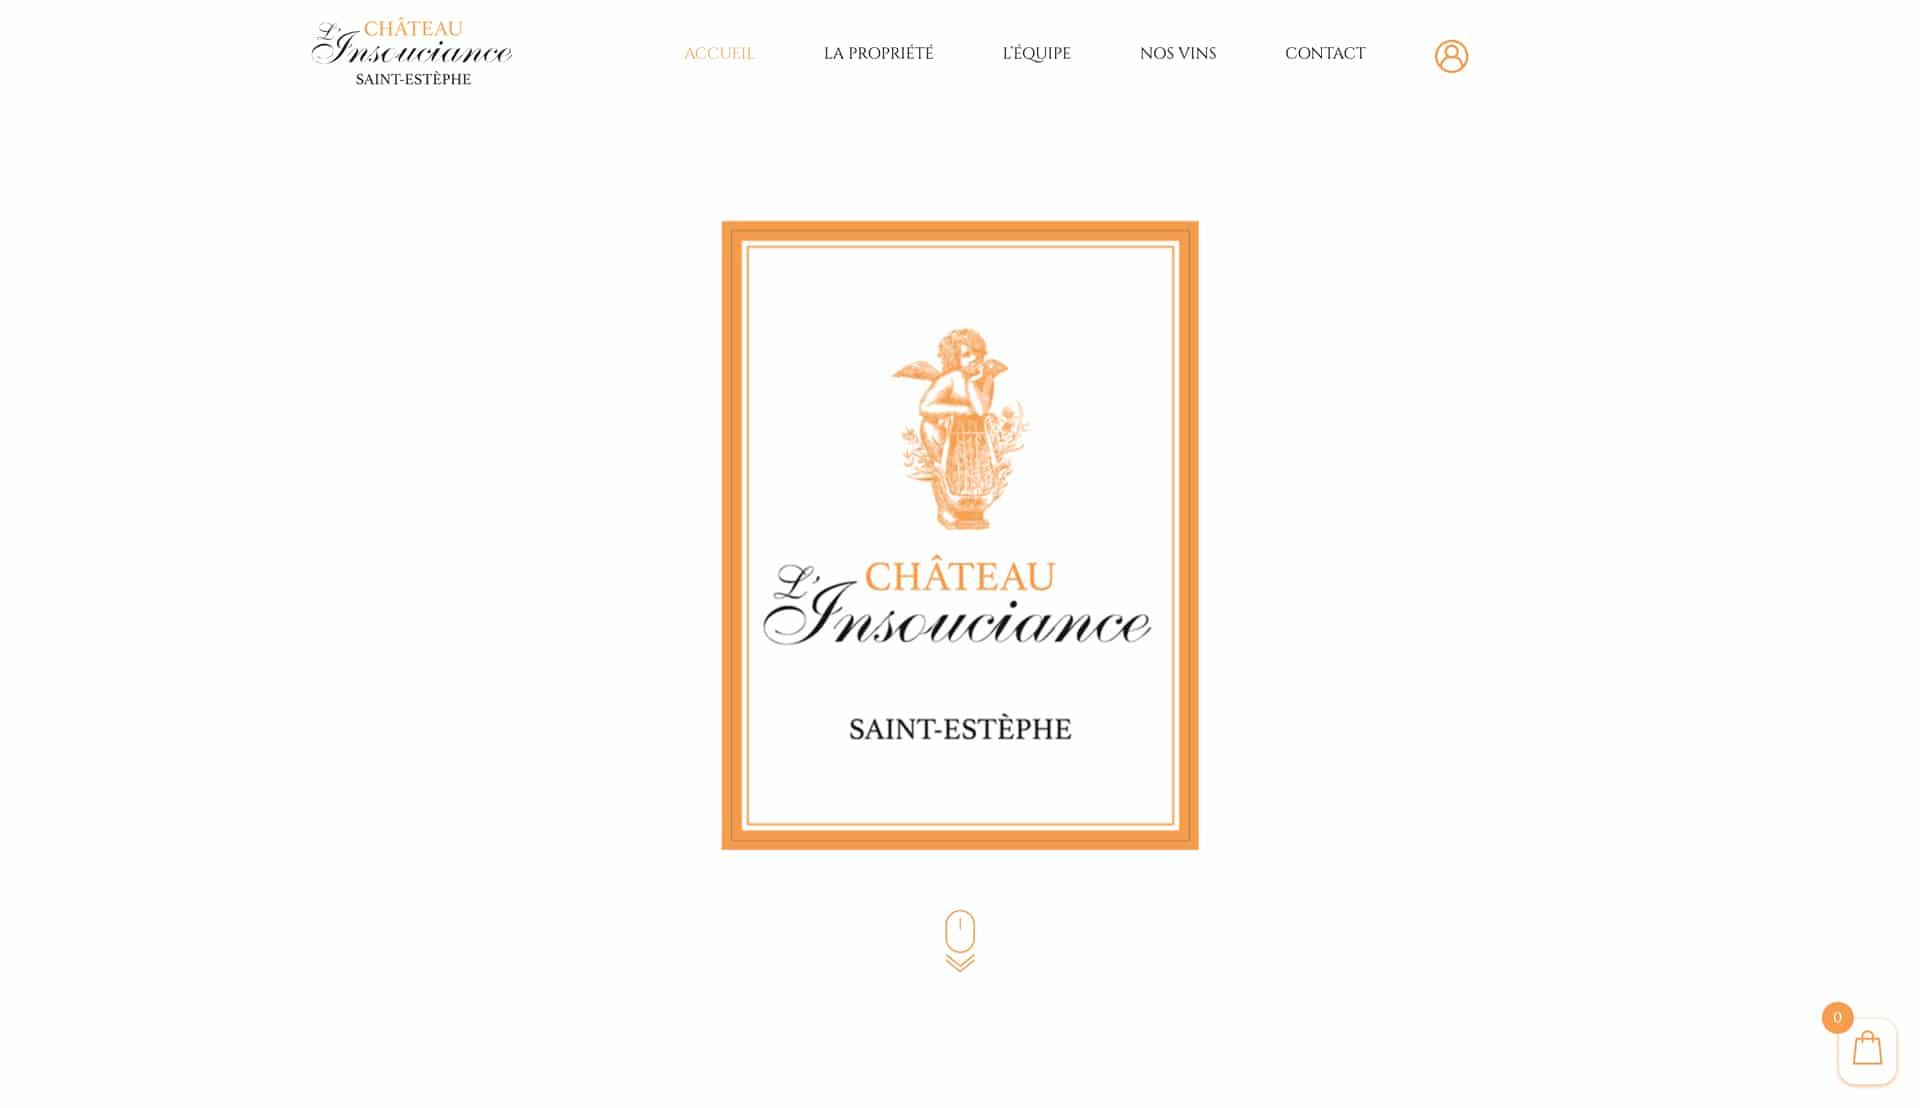 Château l'Insouciance - 2020 - Webdesign - Matthieu Loigerot